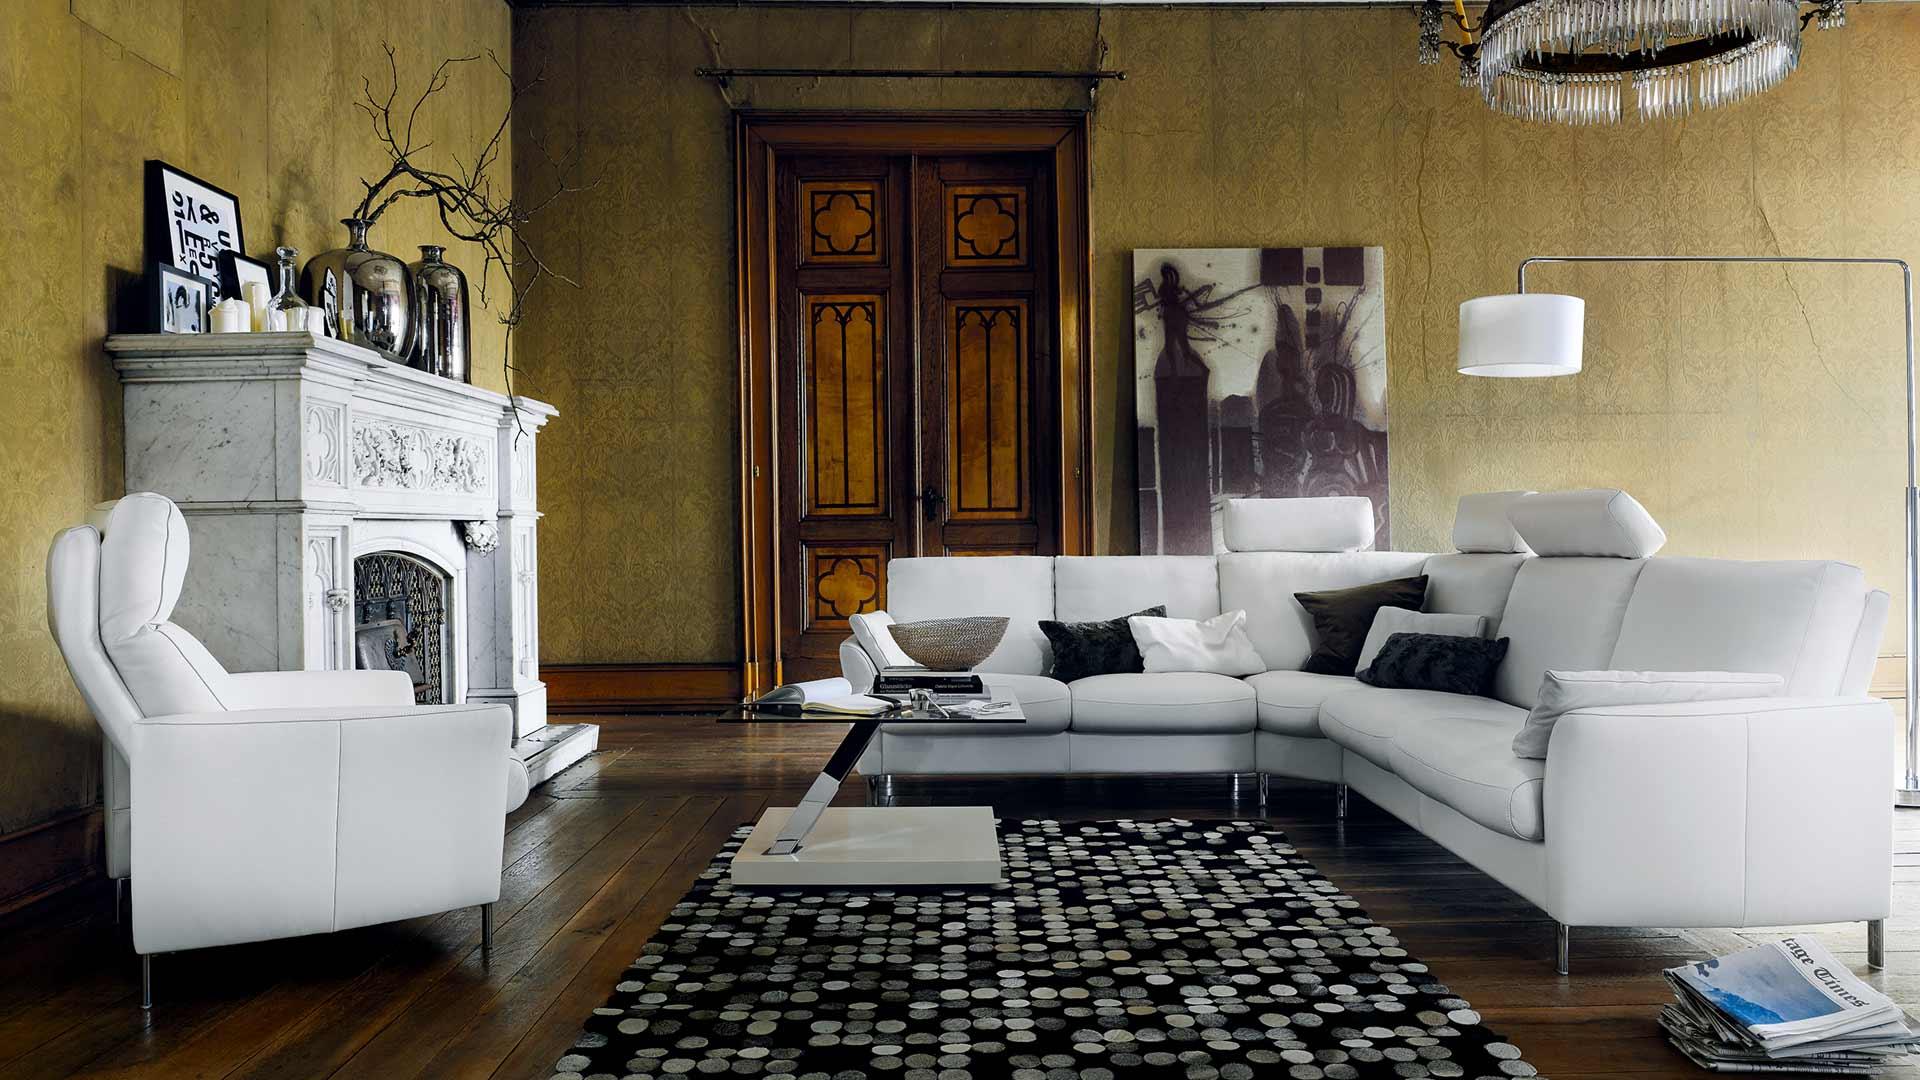 Möbel Hesse Garbsen contur 6400 contur einrichtungen in garbsen nahe hannover